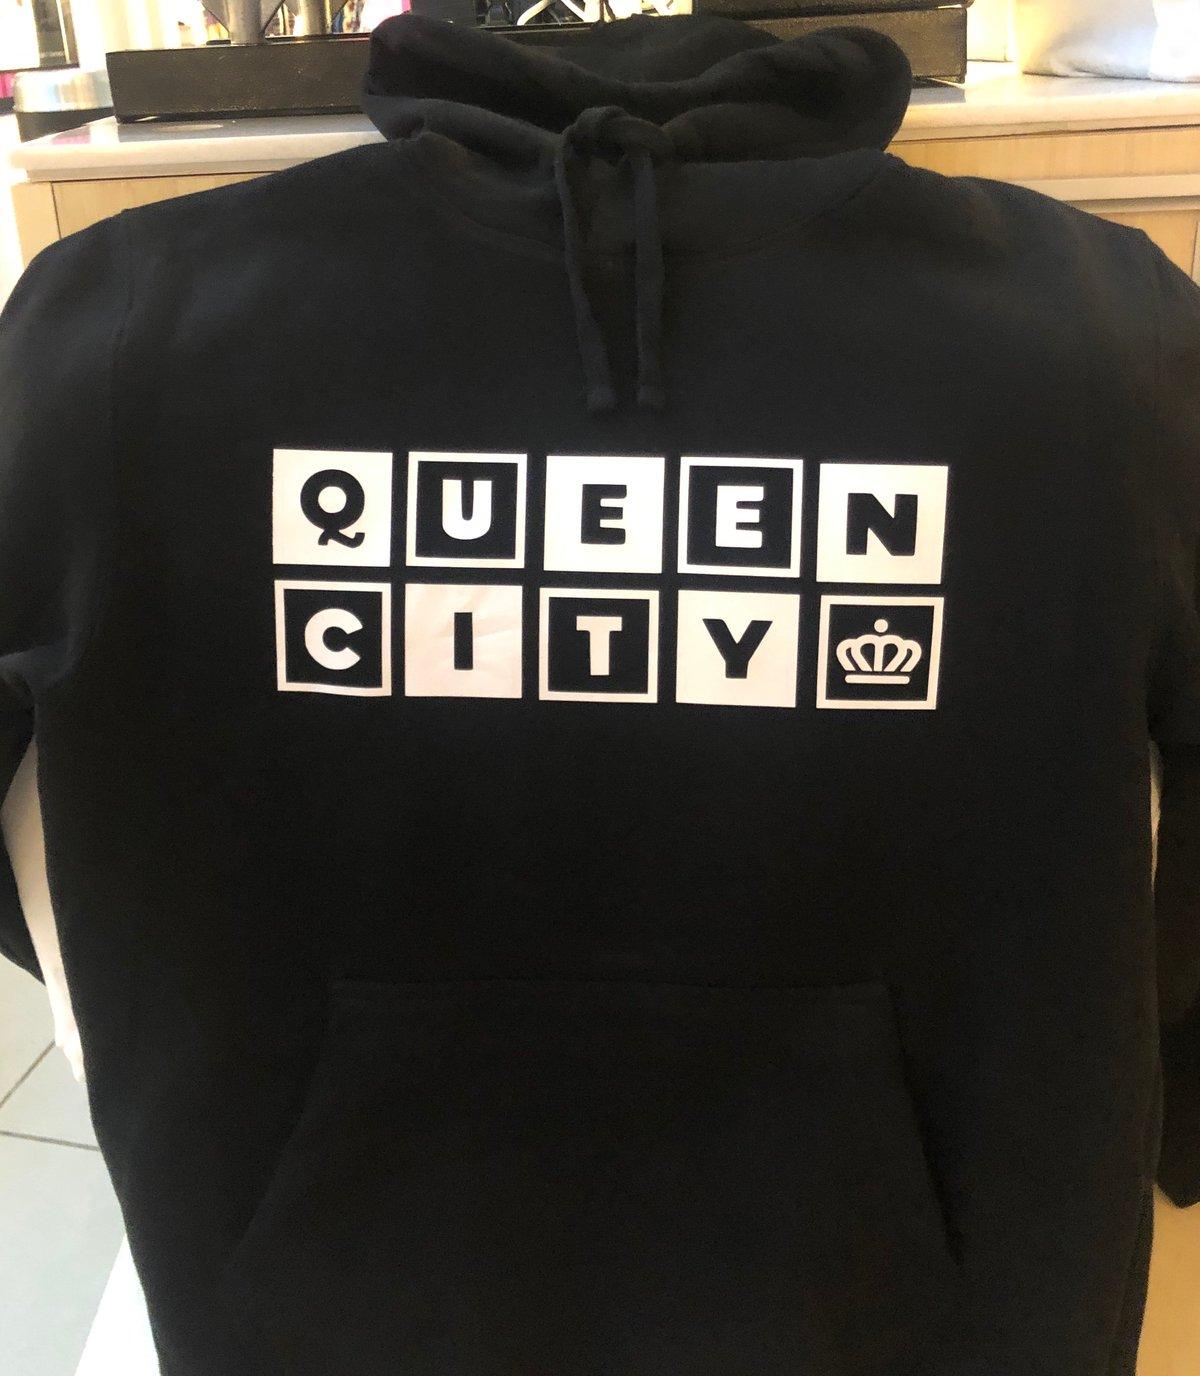 Black Queen City Hoodie